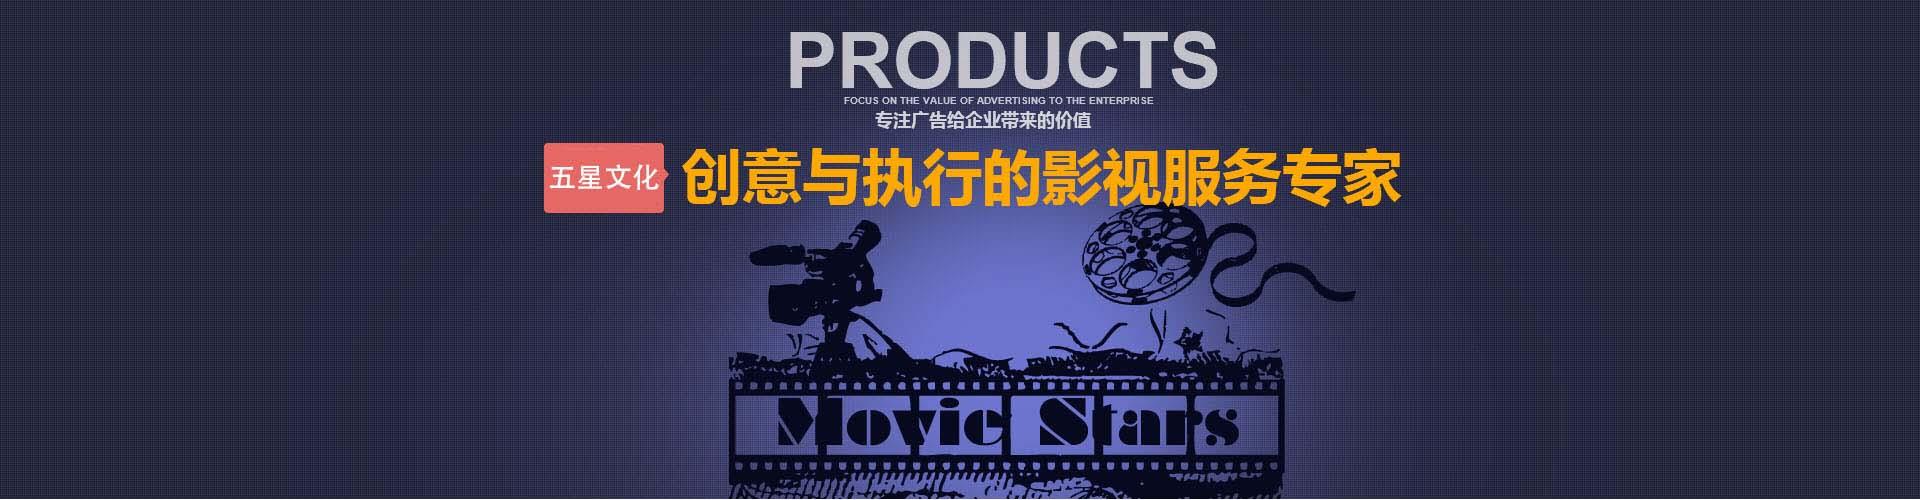 龙岩影视制作公司,龙岩影视传媒